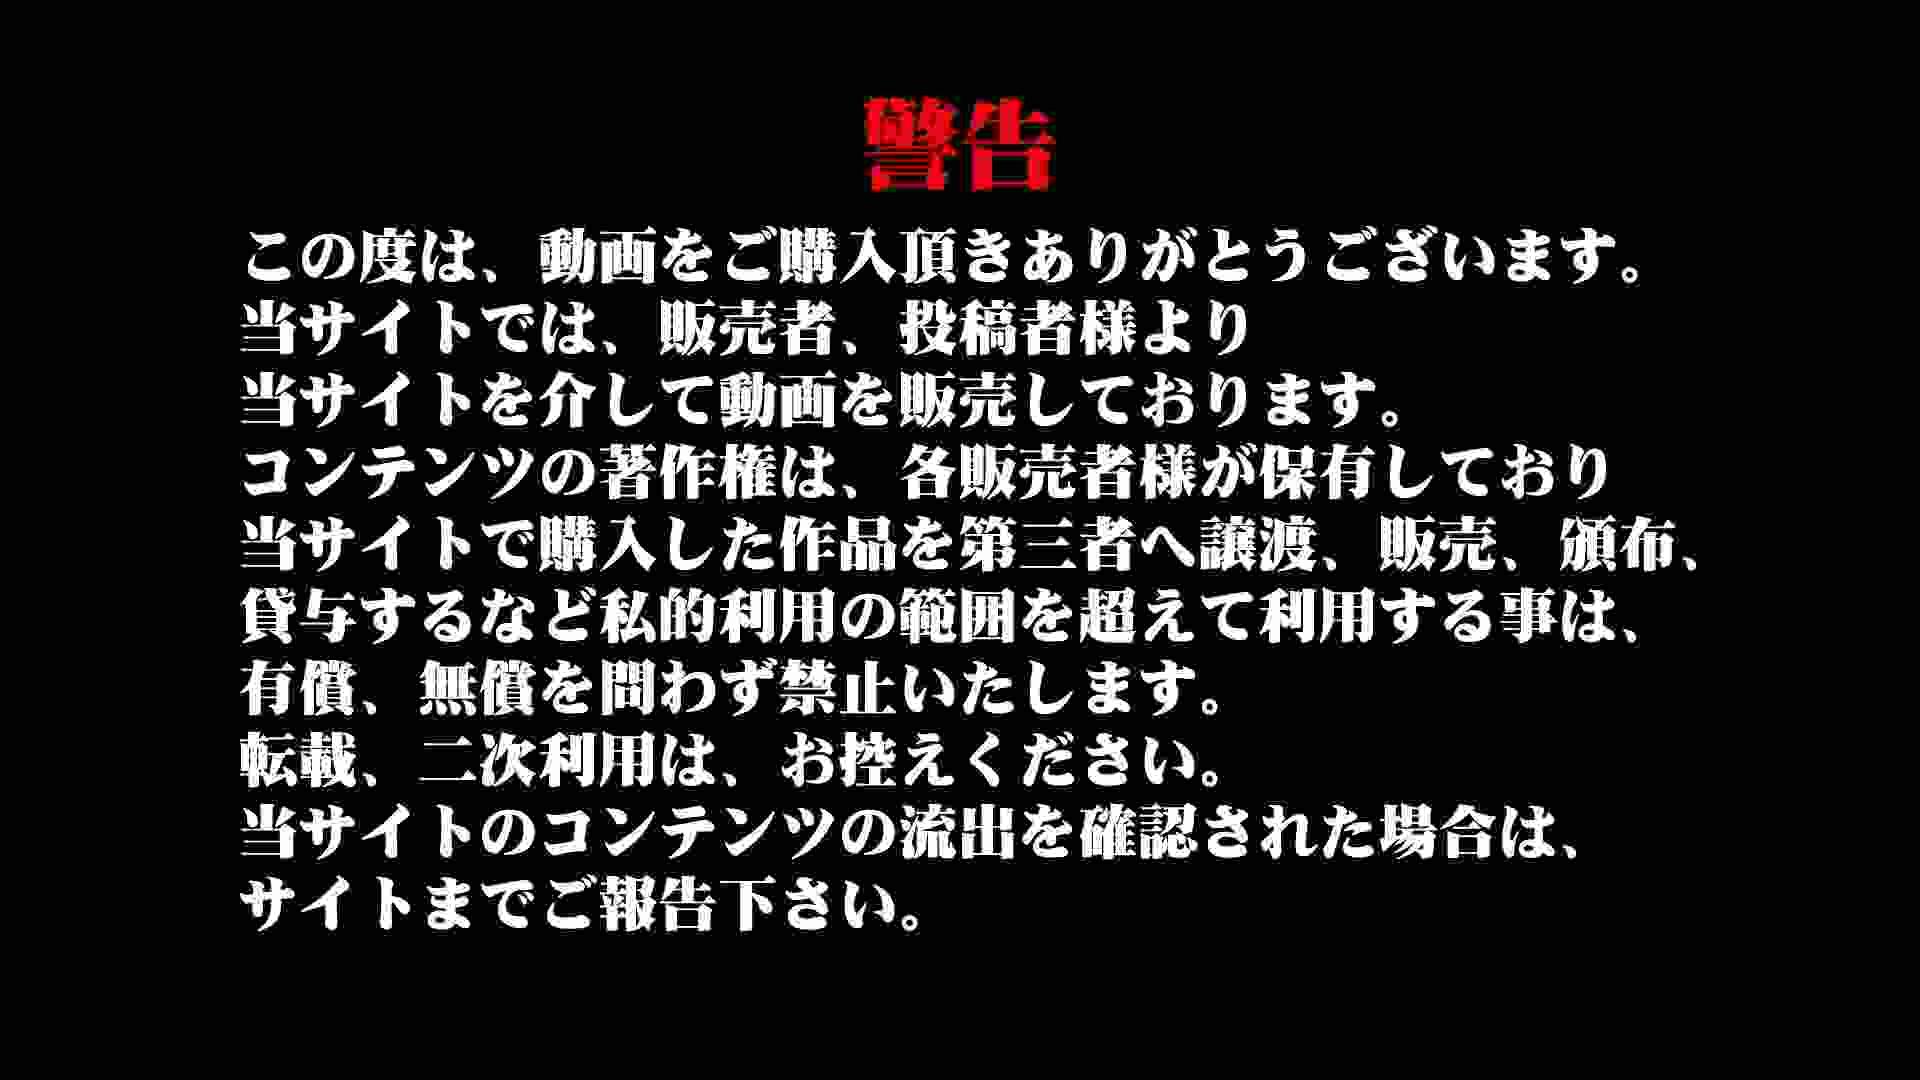 Aquaな露天風呂Vol.919 盗撮動画 | 露天風呂  10枚 1